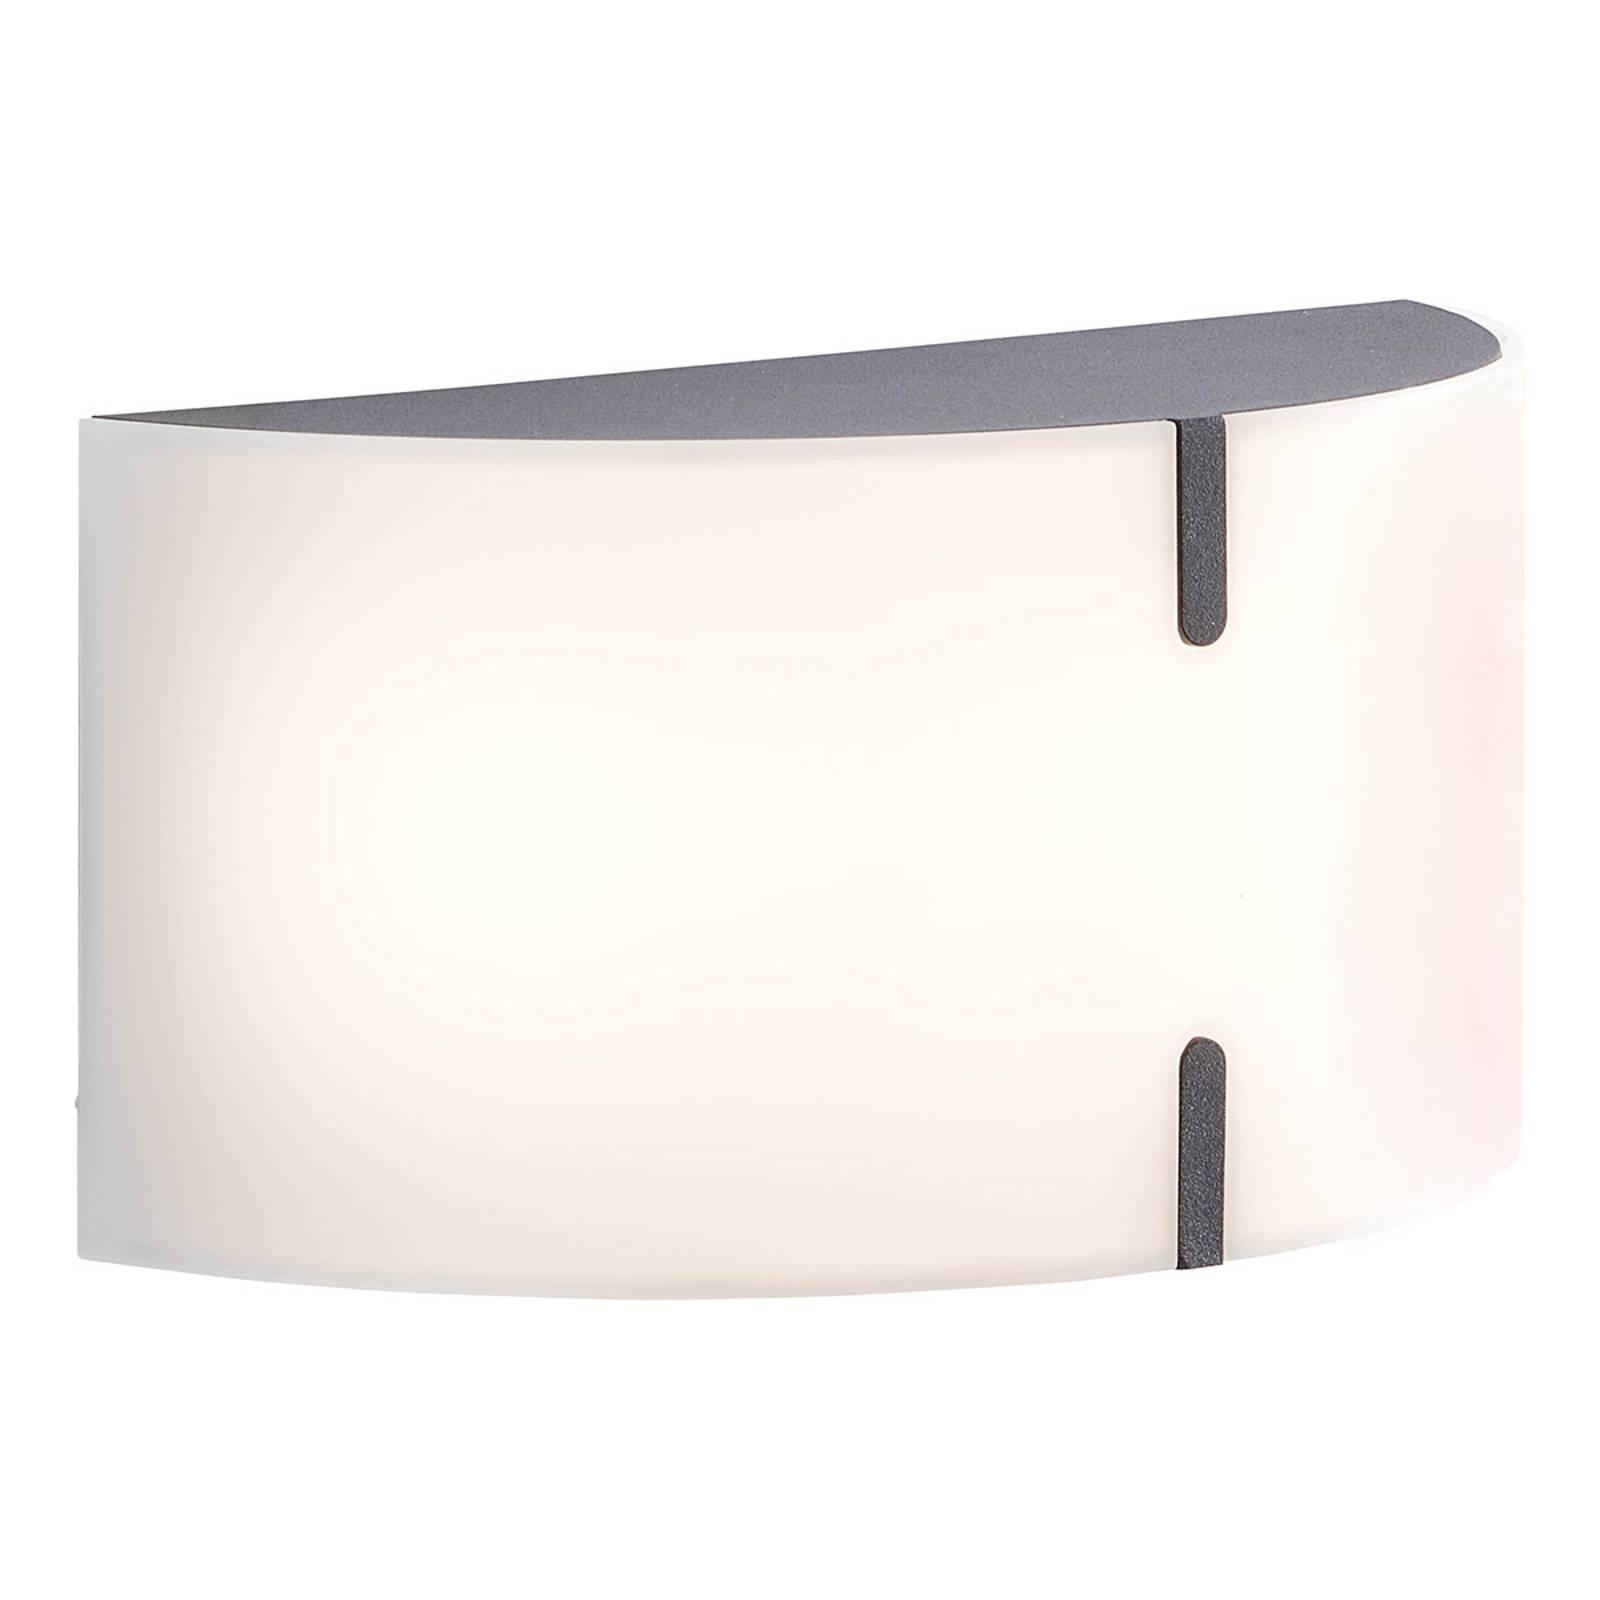 AEG Haily utendørs LED-vegglampe